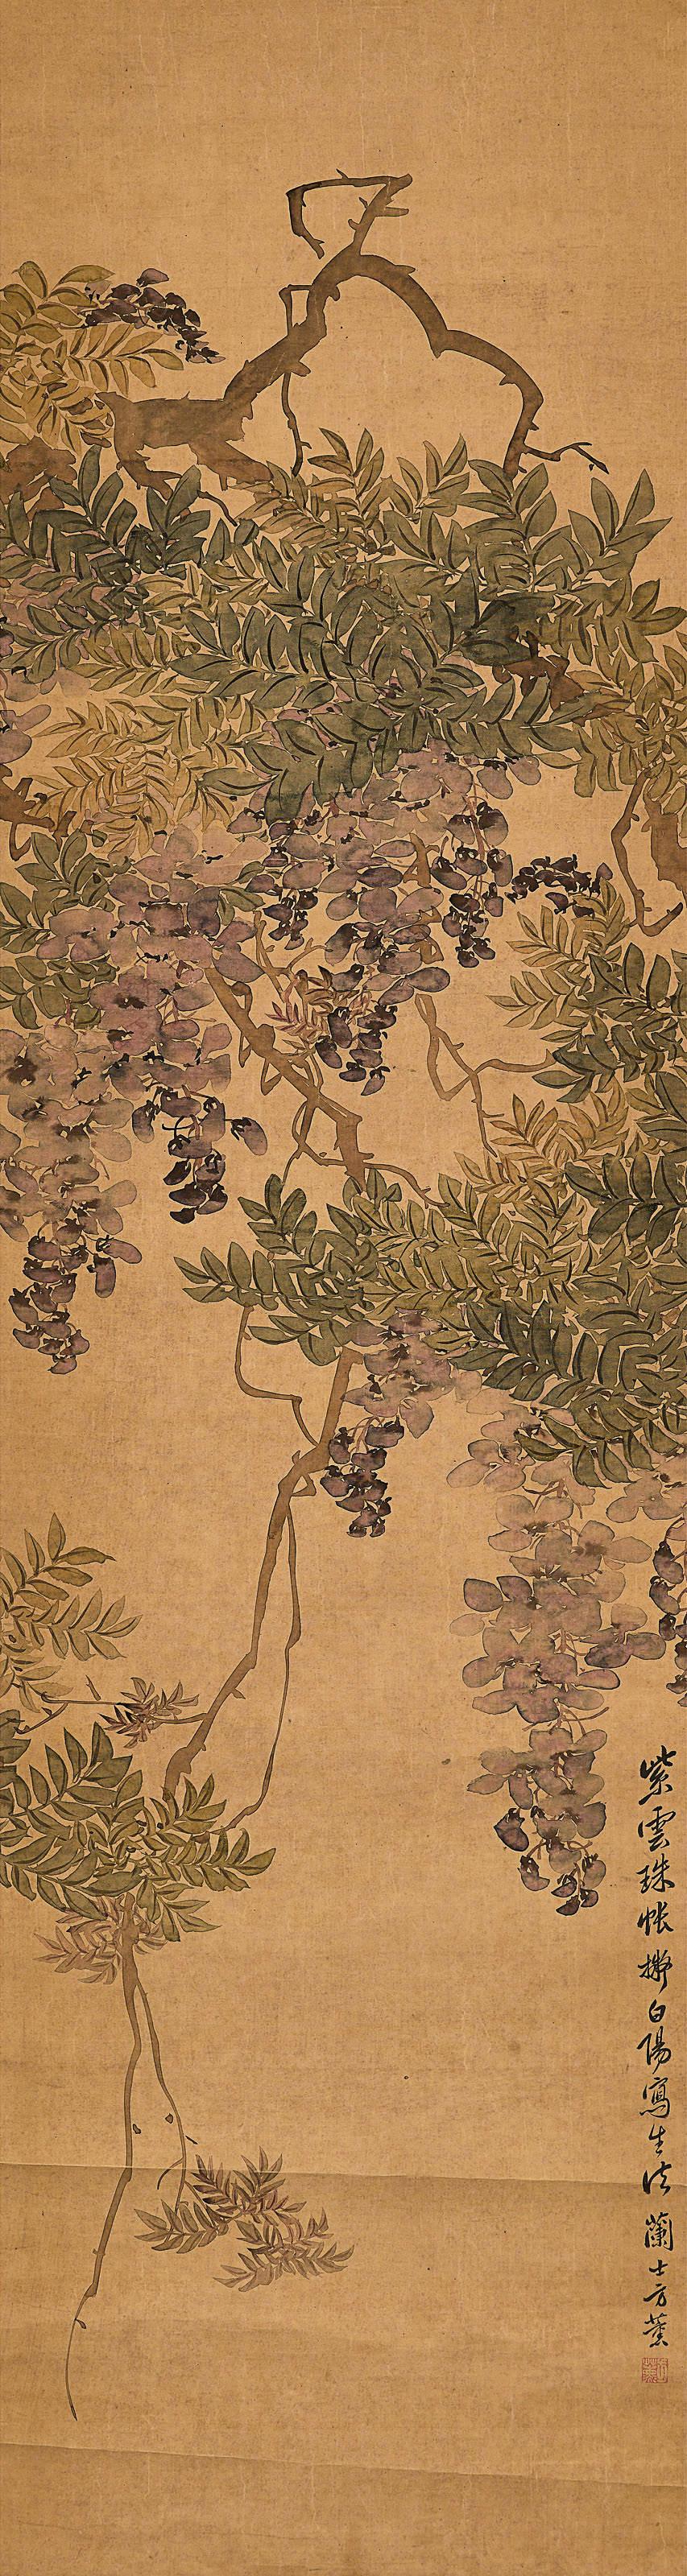 FANG XUN (1736-1799)